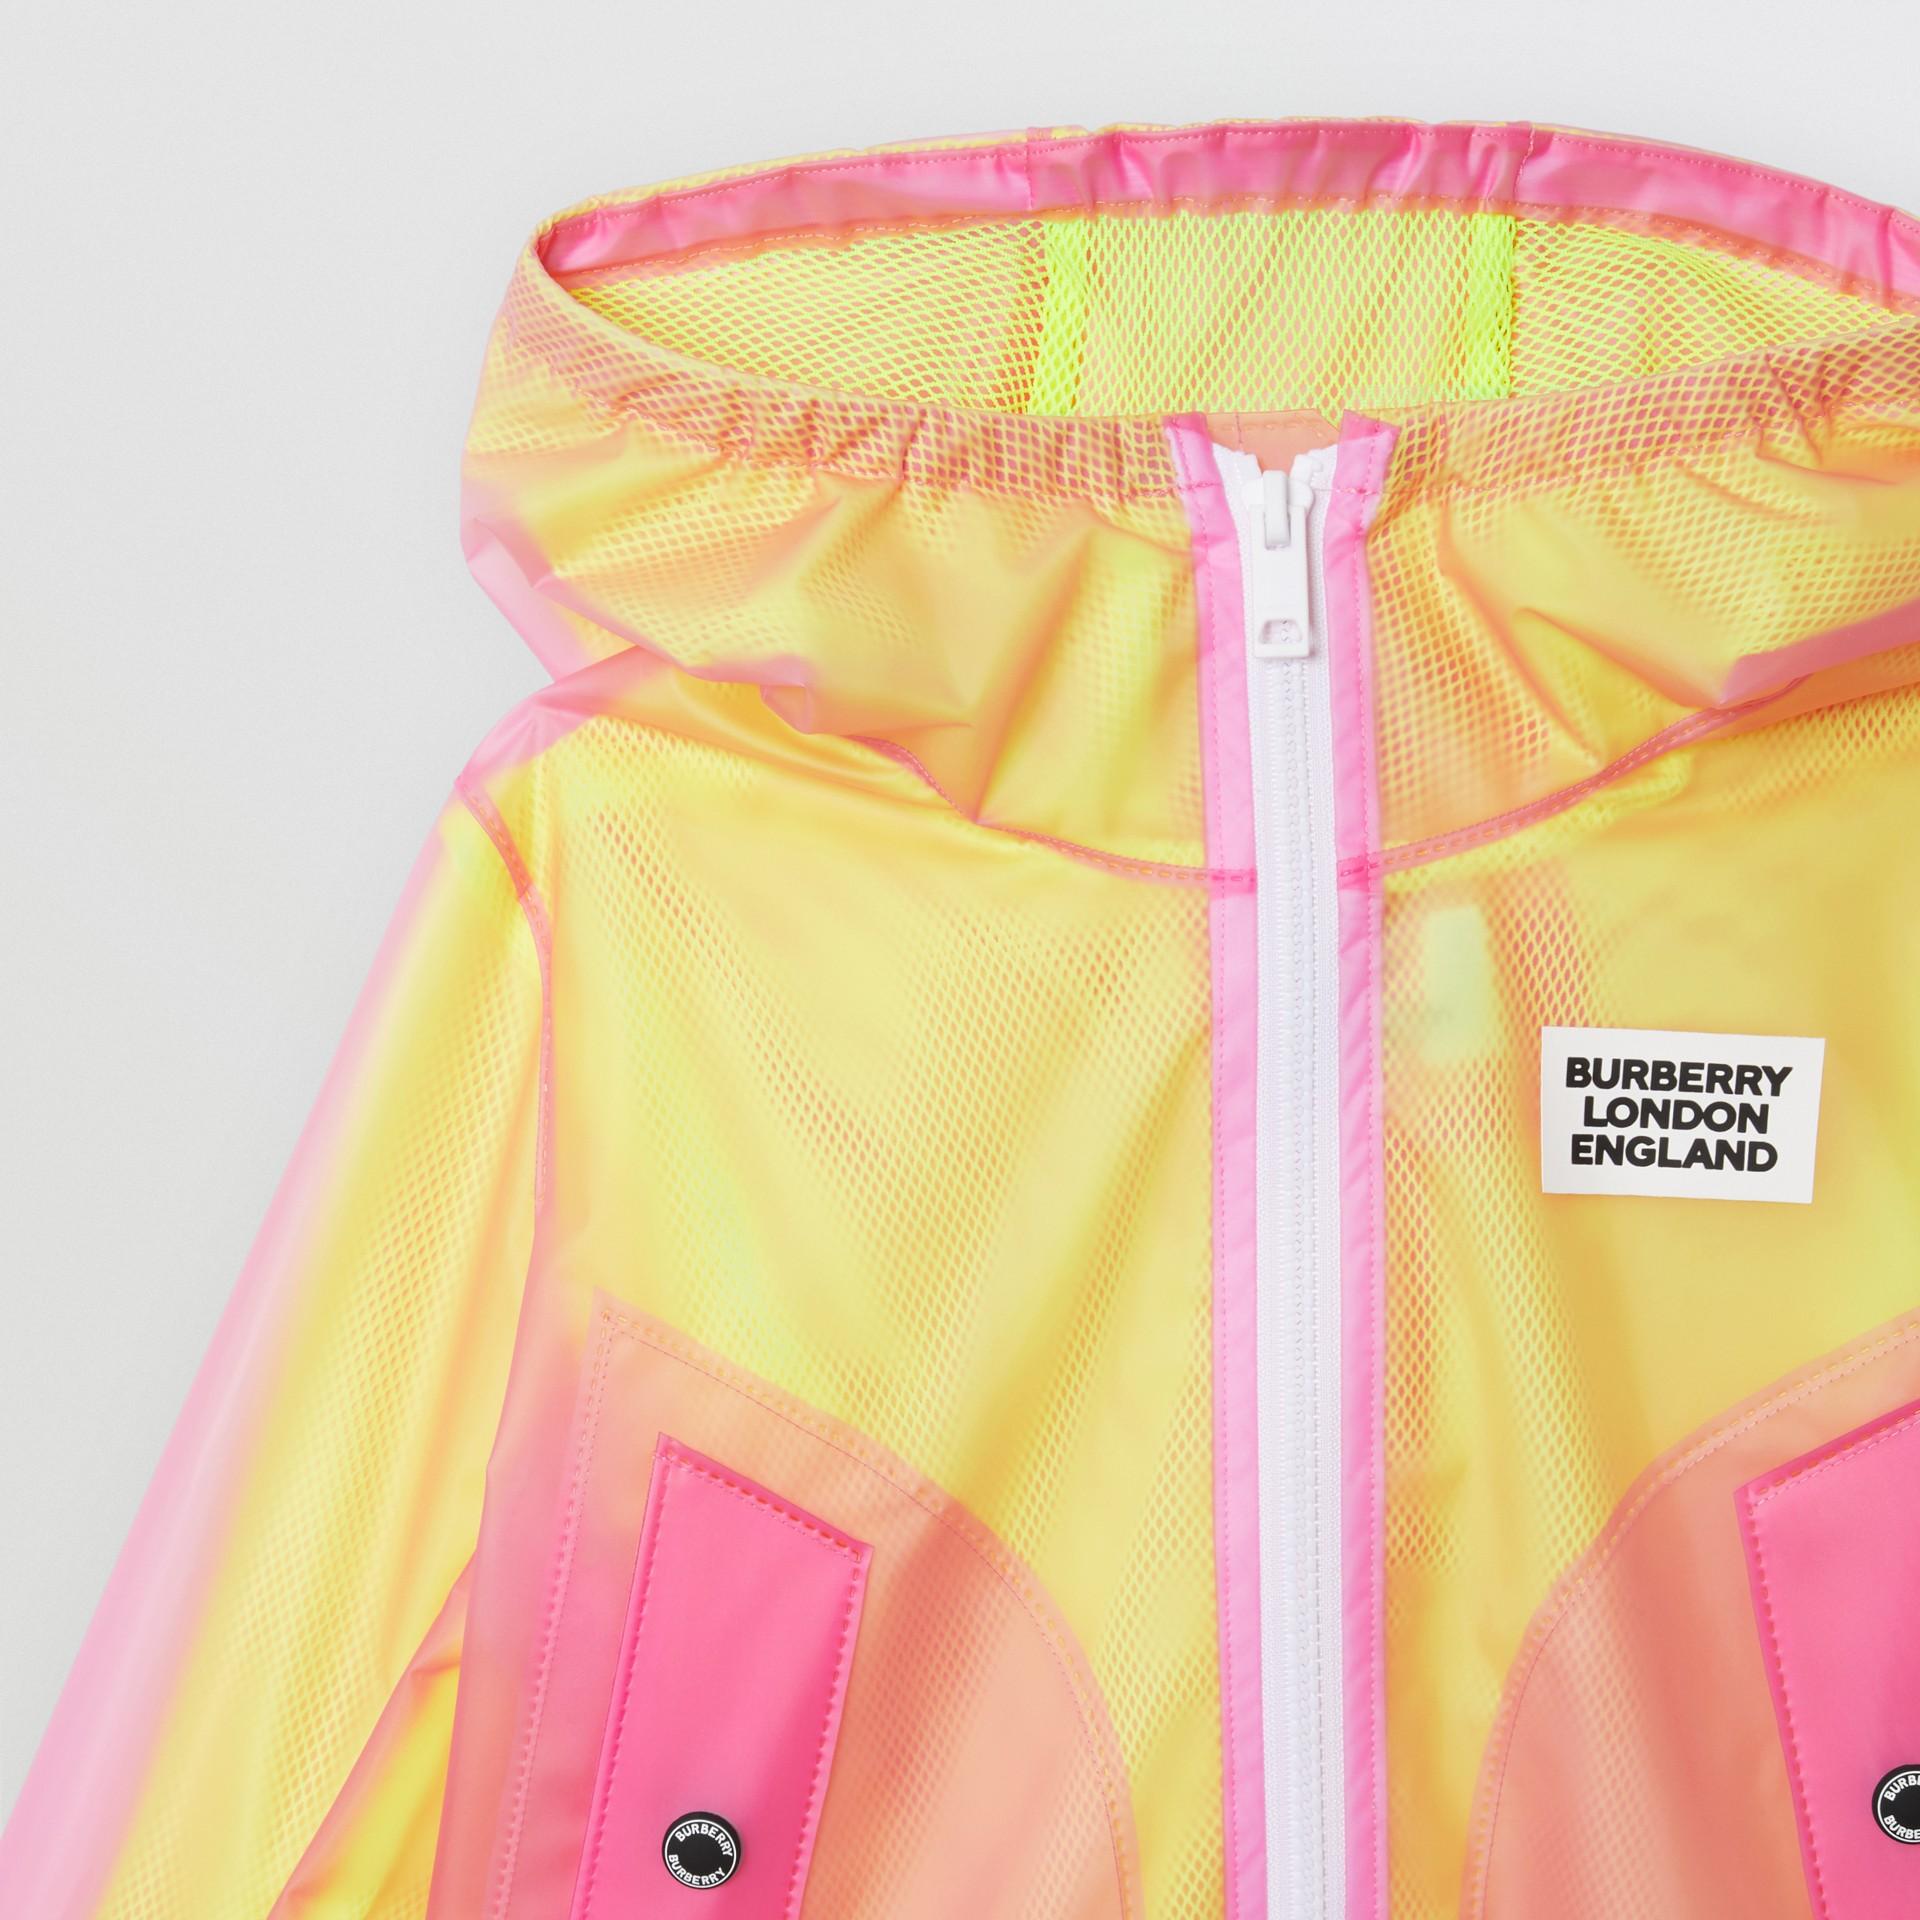 ロゴプリント ライトウェイト フーデッドジャケット (ラズベリーピンク)   バーバリー - ギャラリーイメージ 5